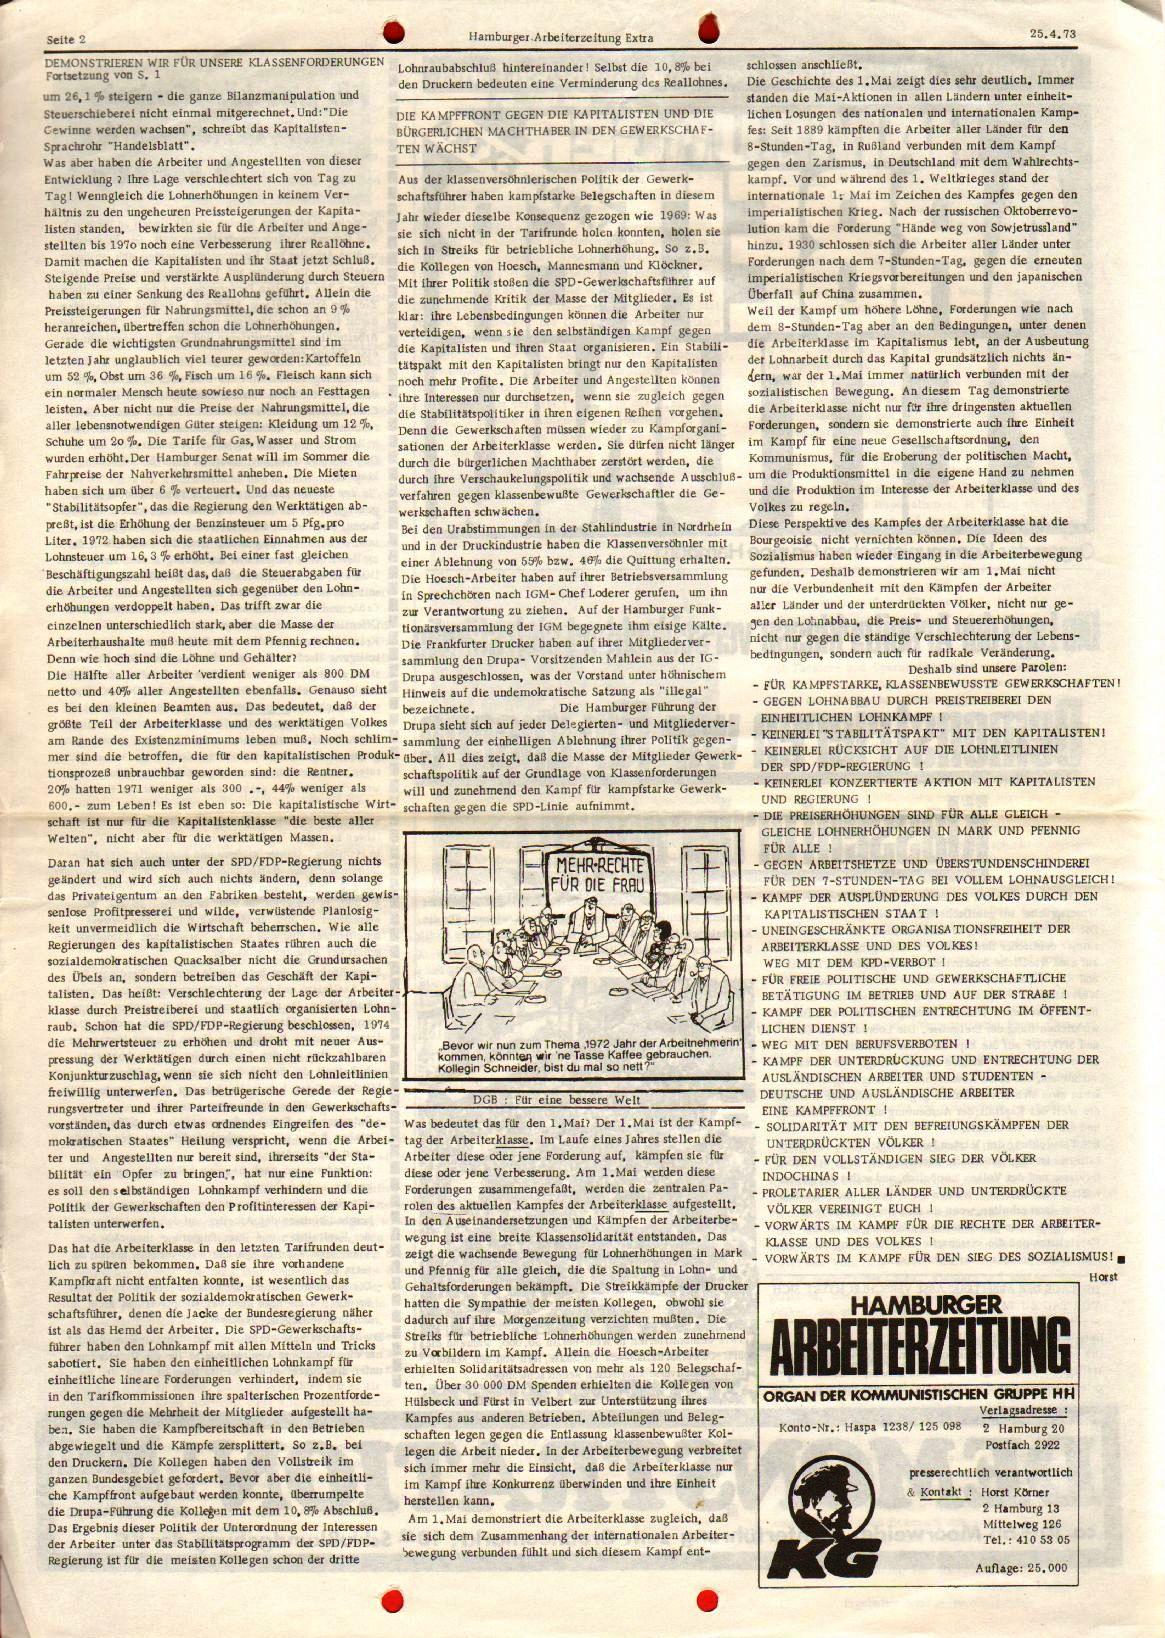 Hamburger_Arbeiterzeitung022